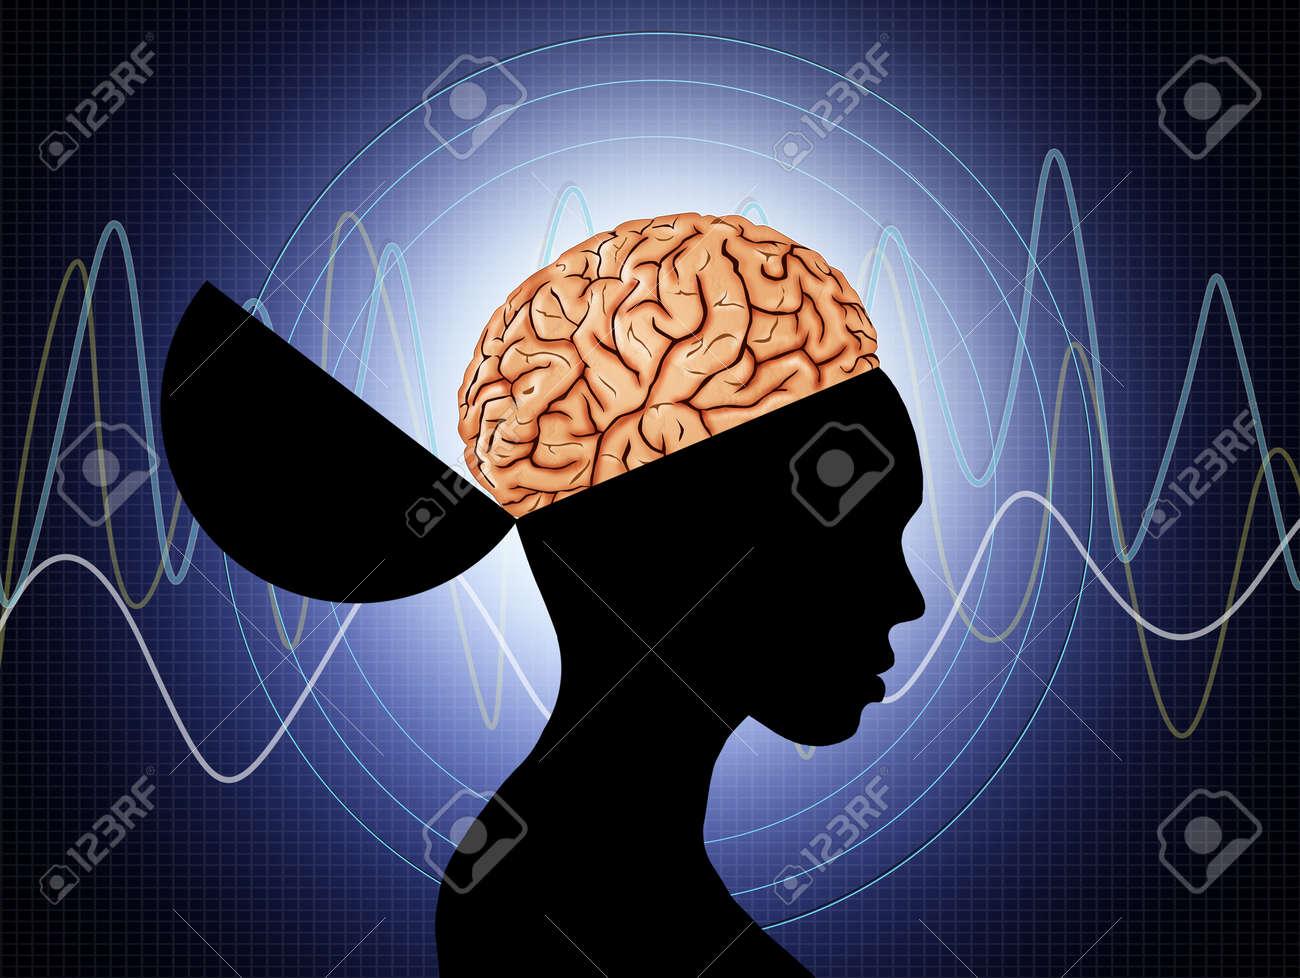 Wellen Gehirn Lizenzfreie Fotos, Bilder Und Stock Fotografie. Image ...